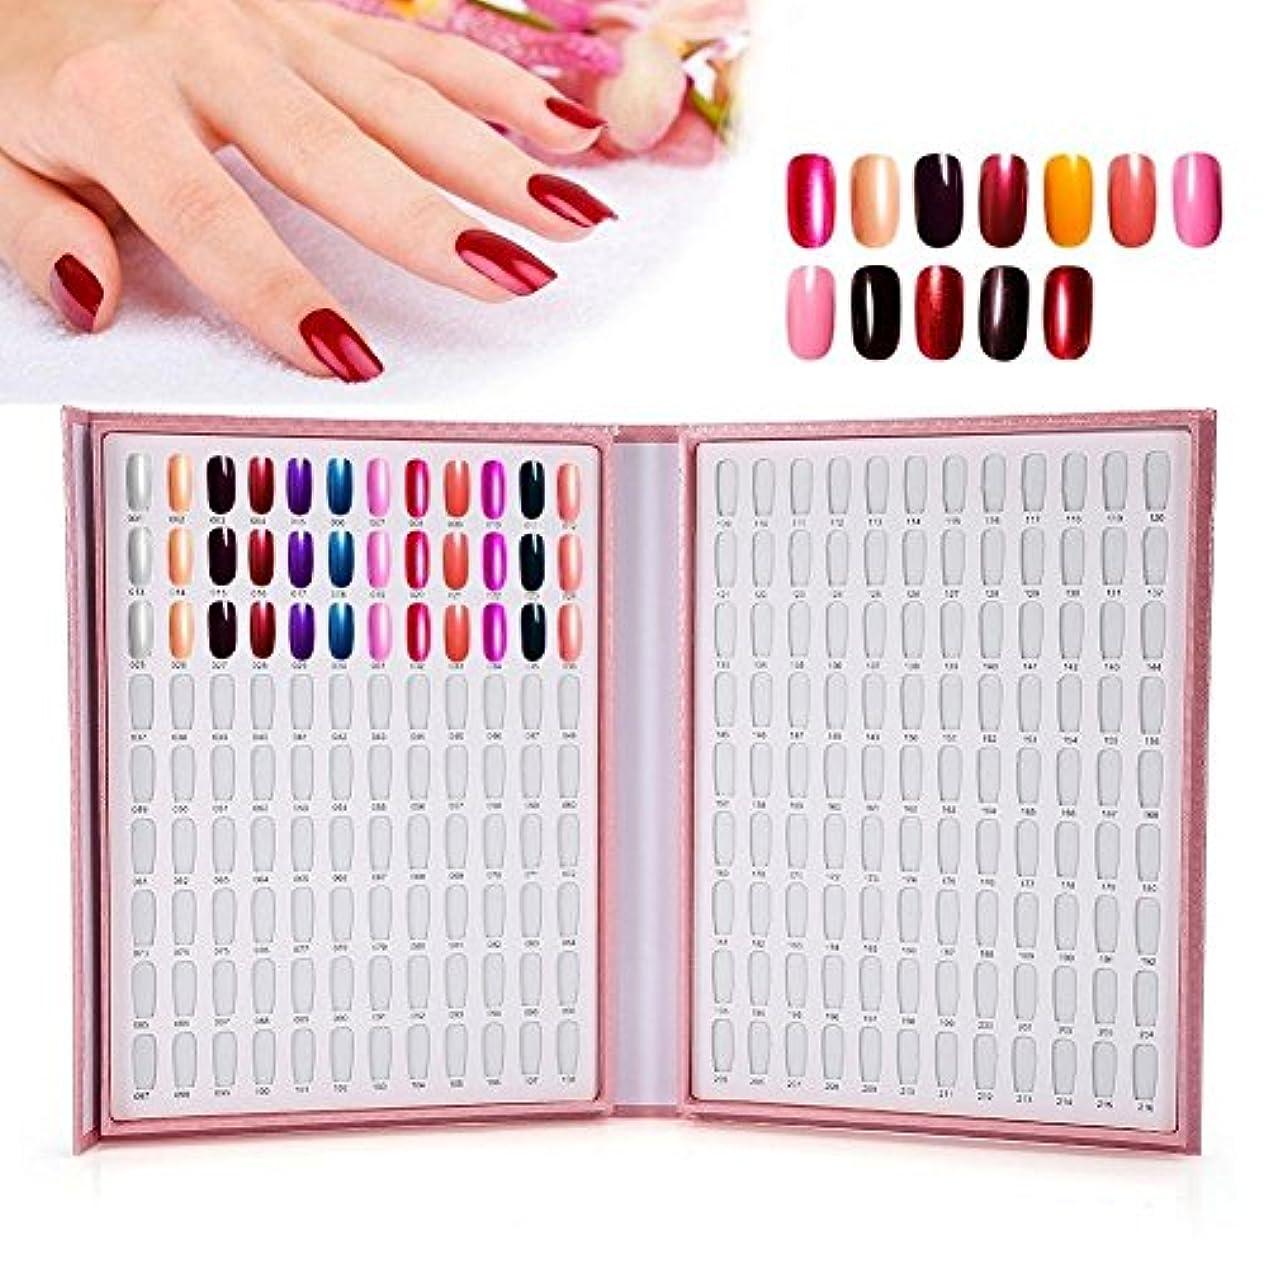 最大化するフリル定規カラーチャート ブック - Delaman ジェルネイル、カラーガイド、サンプル帳、216色 (ピンク)